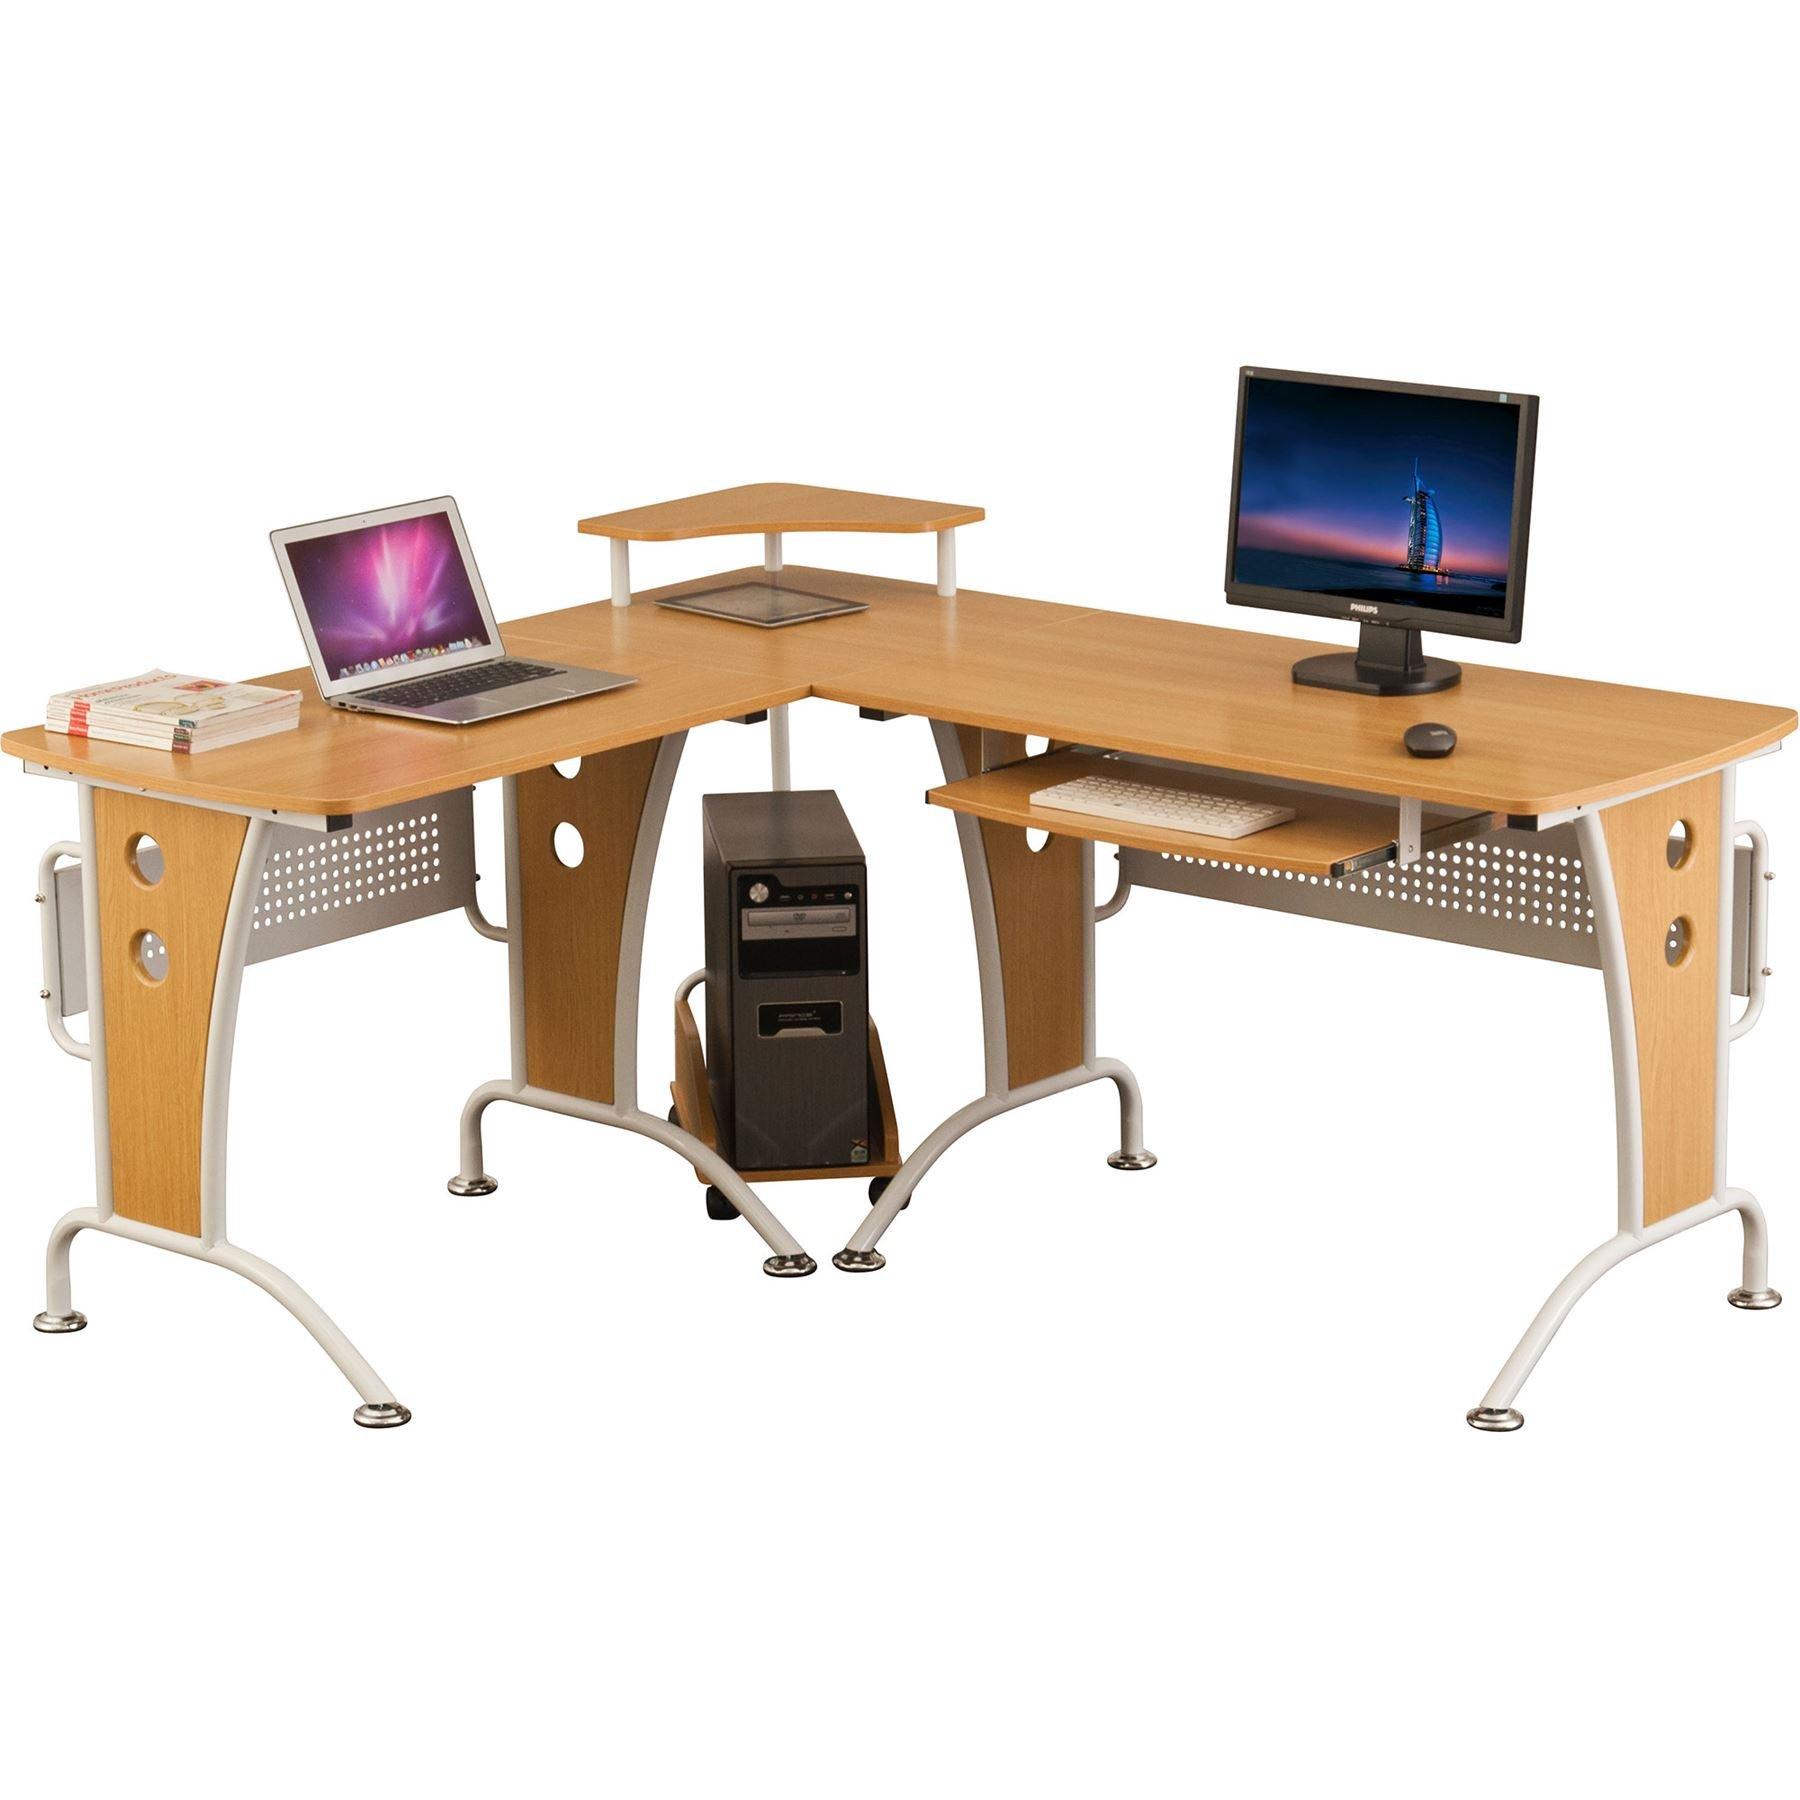 Gran Mesa Escritorio de Esquina con Bandeja de Teclado y Carretilla de CPU para la Oficina